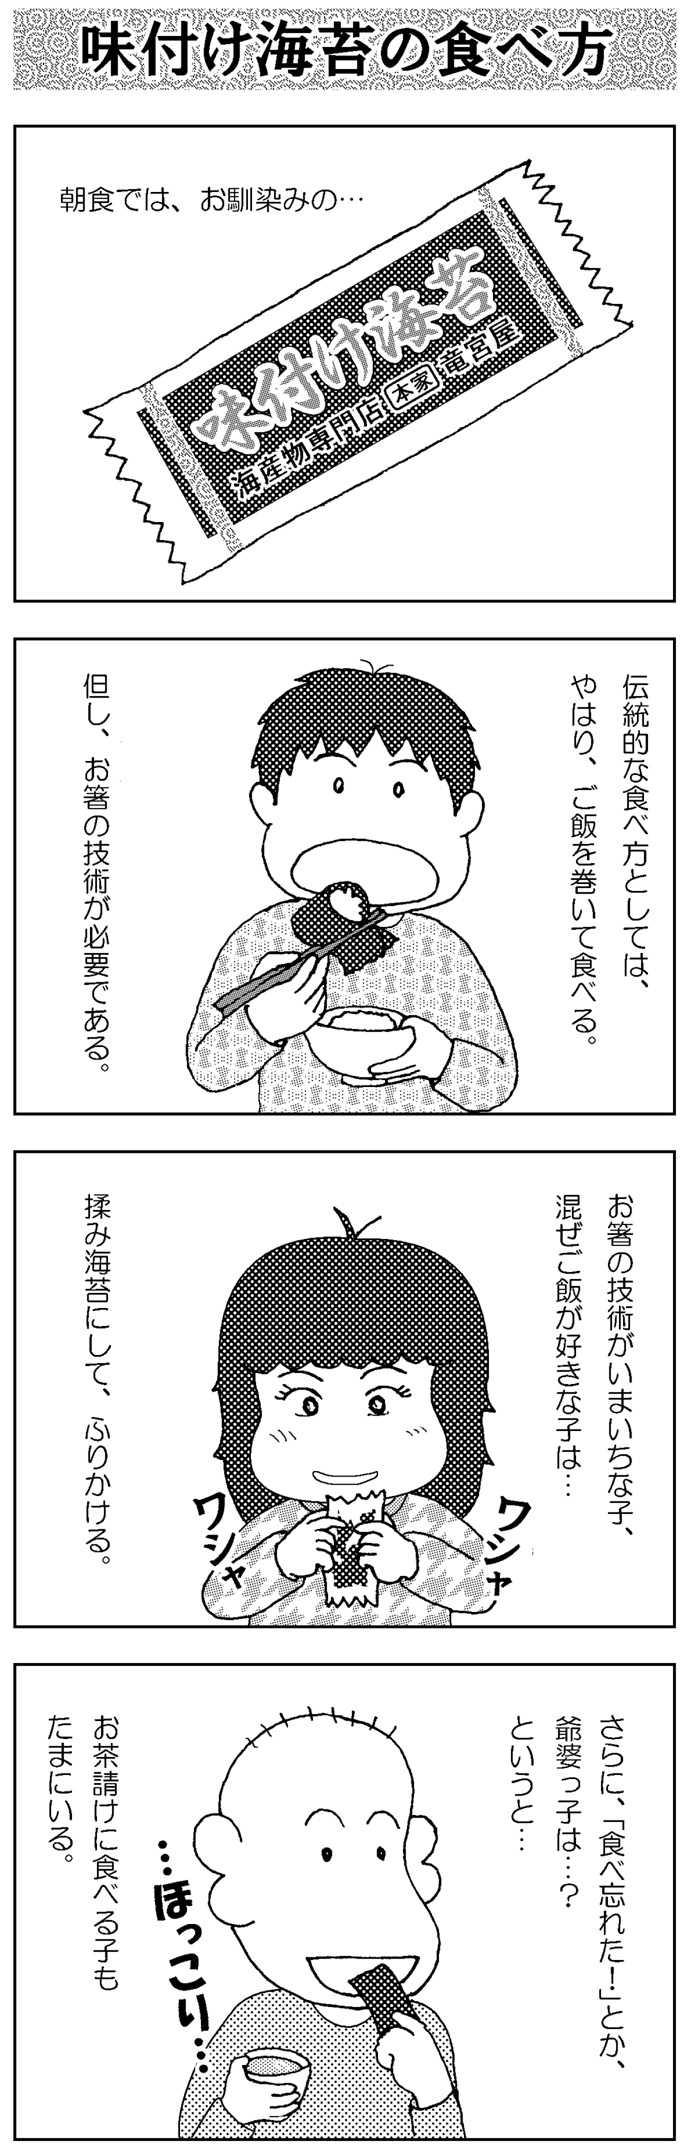 味付け海苔の食べ方